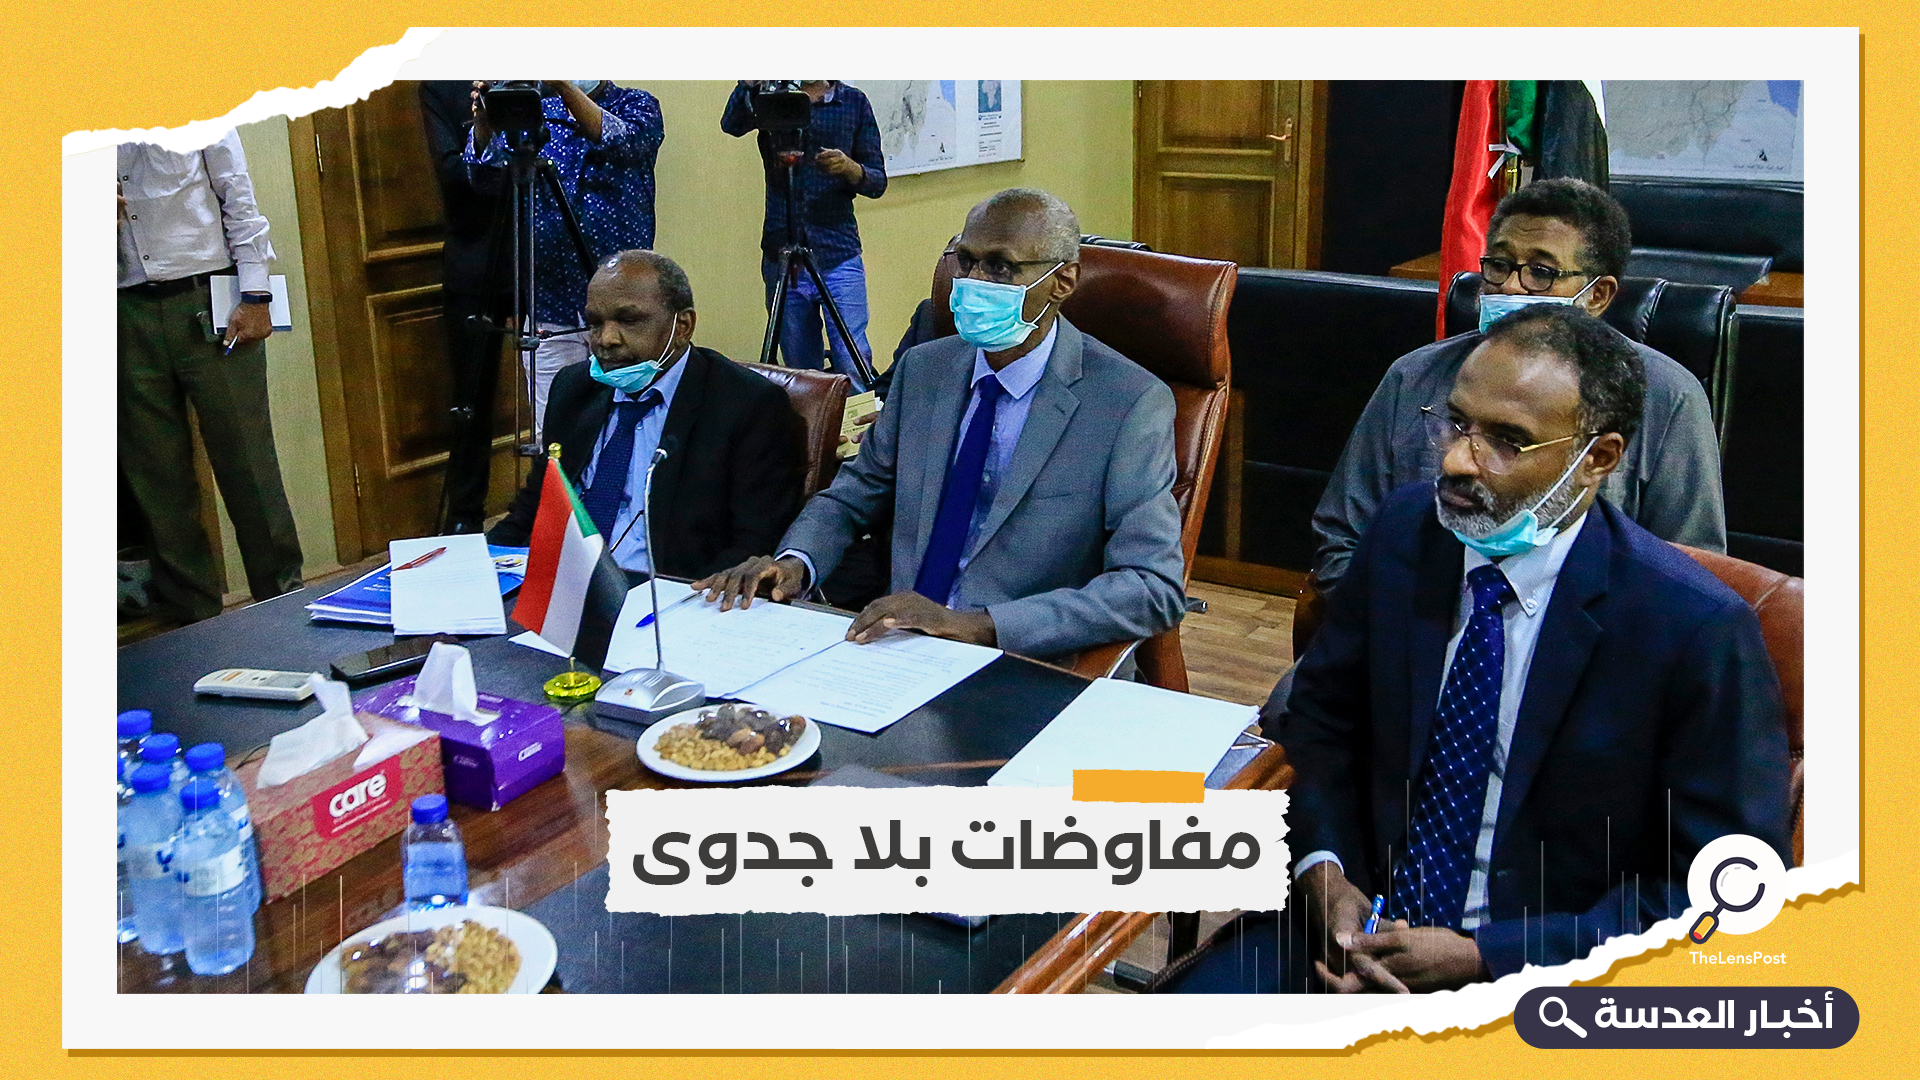 سد النهضة.. الحكومة السودانية تجدد مقترحها بتحويل مسار المفاوضات إلى مسار رباعي